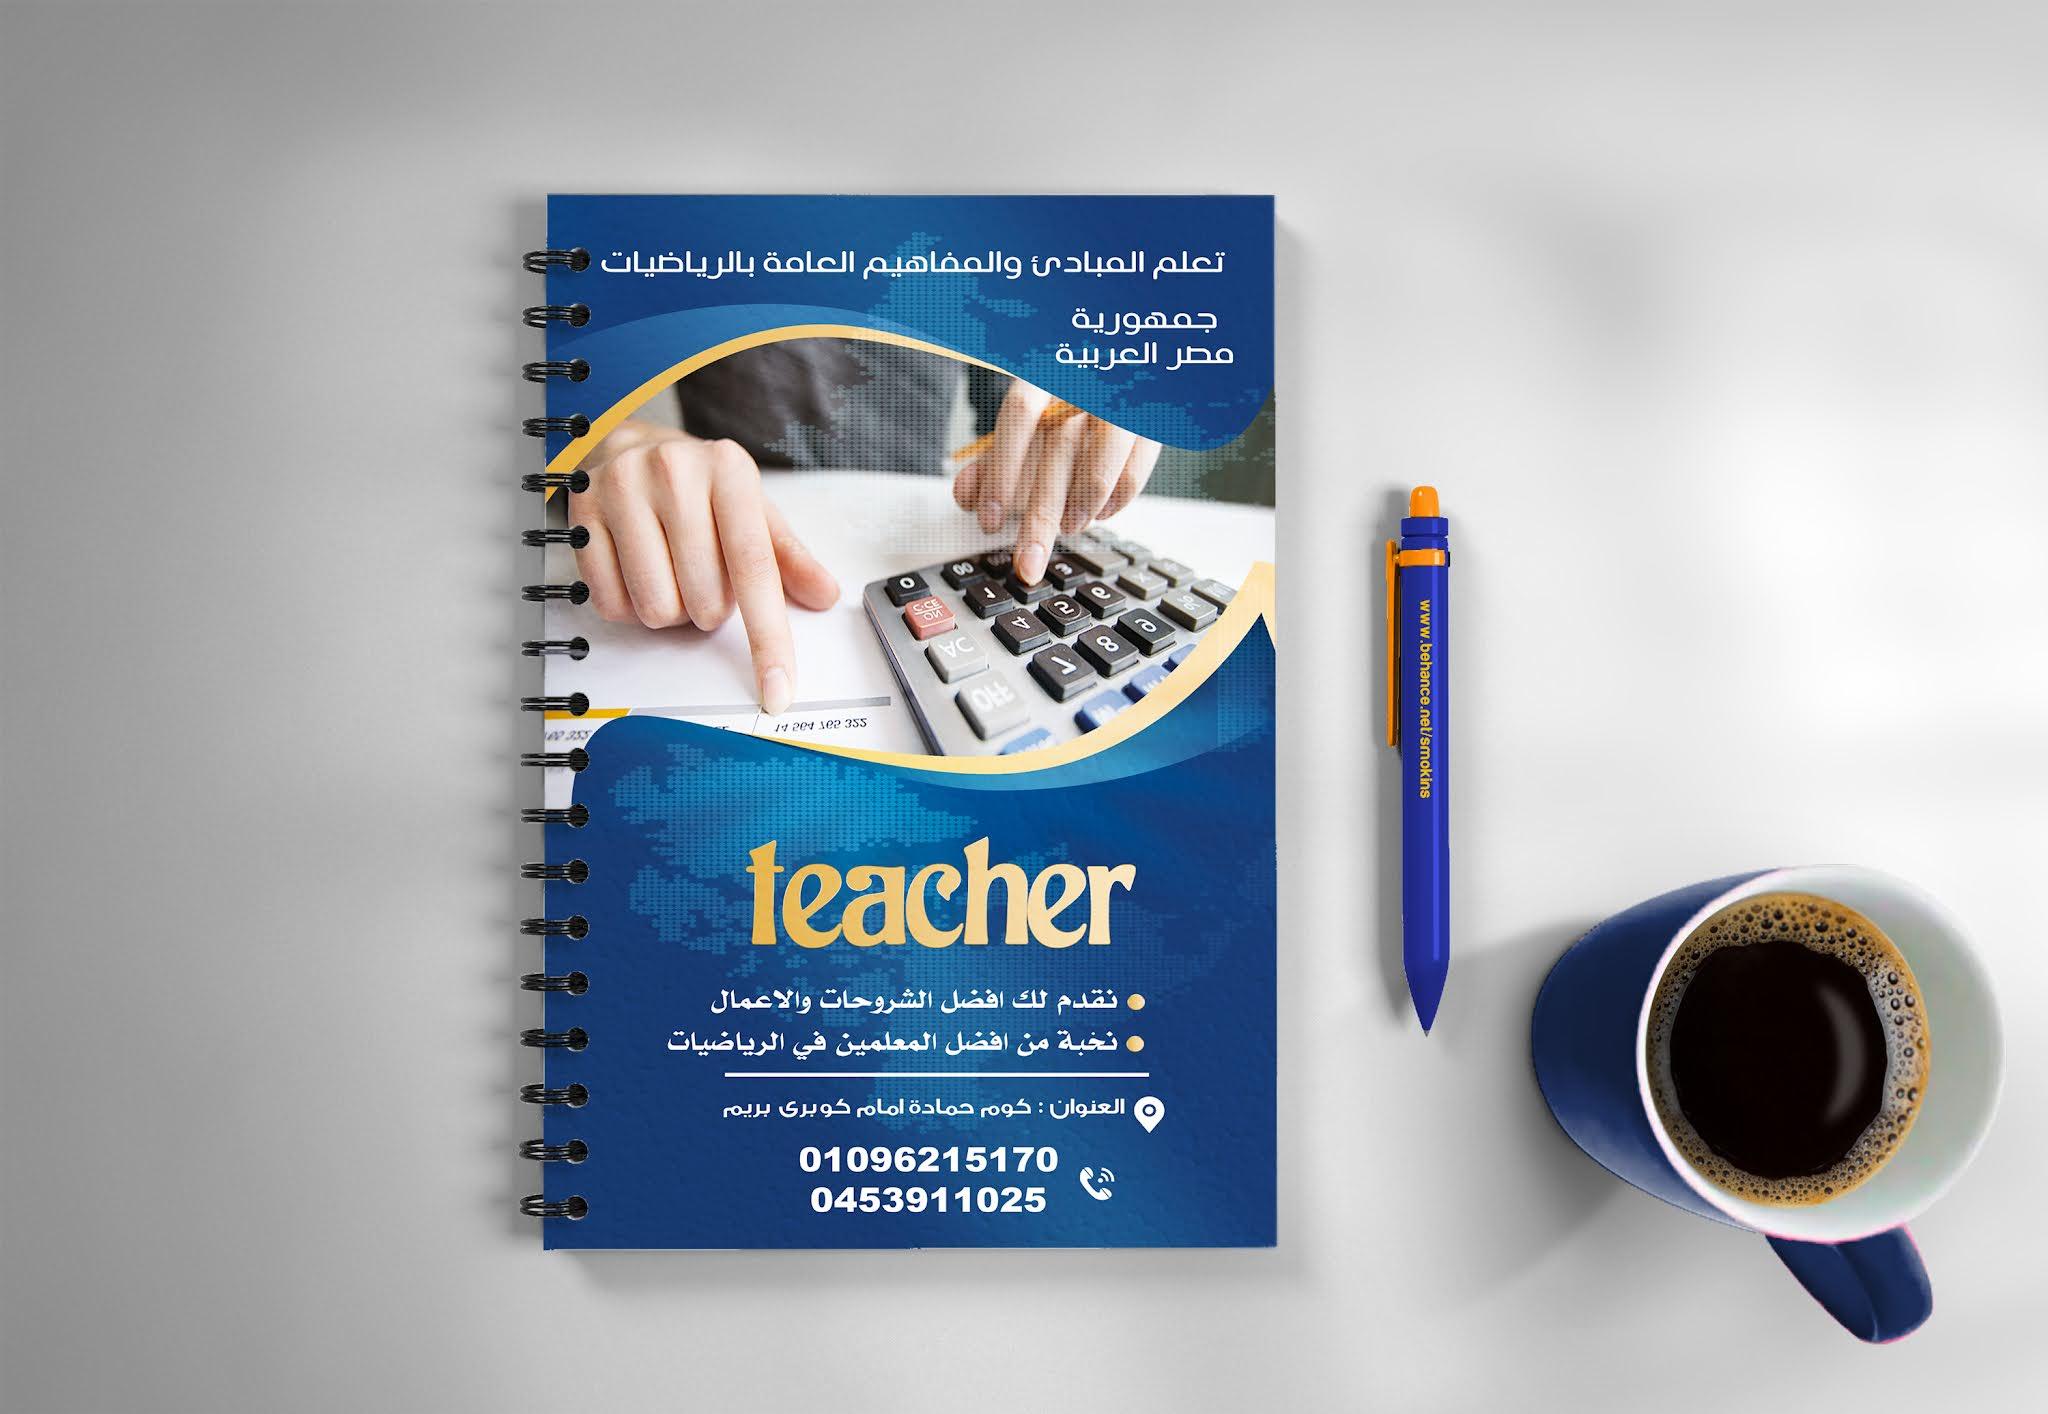 تحميل مجانى غلاف كتاب ومذكرة psd  تعليمية مادة الرياضيات